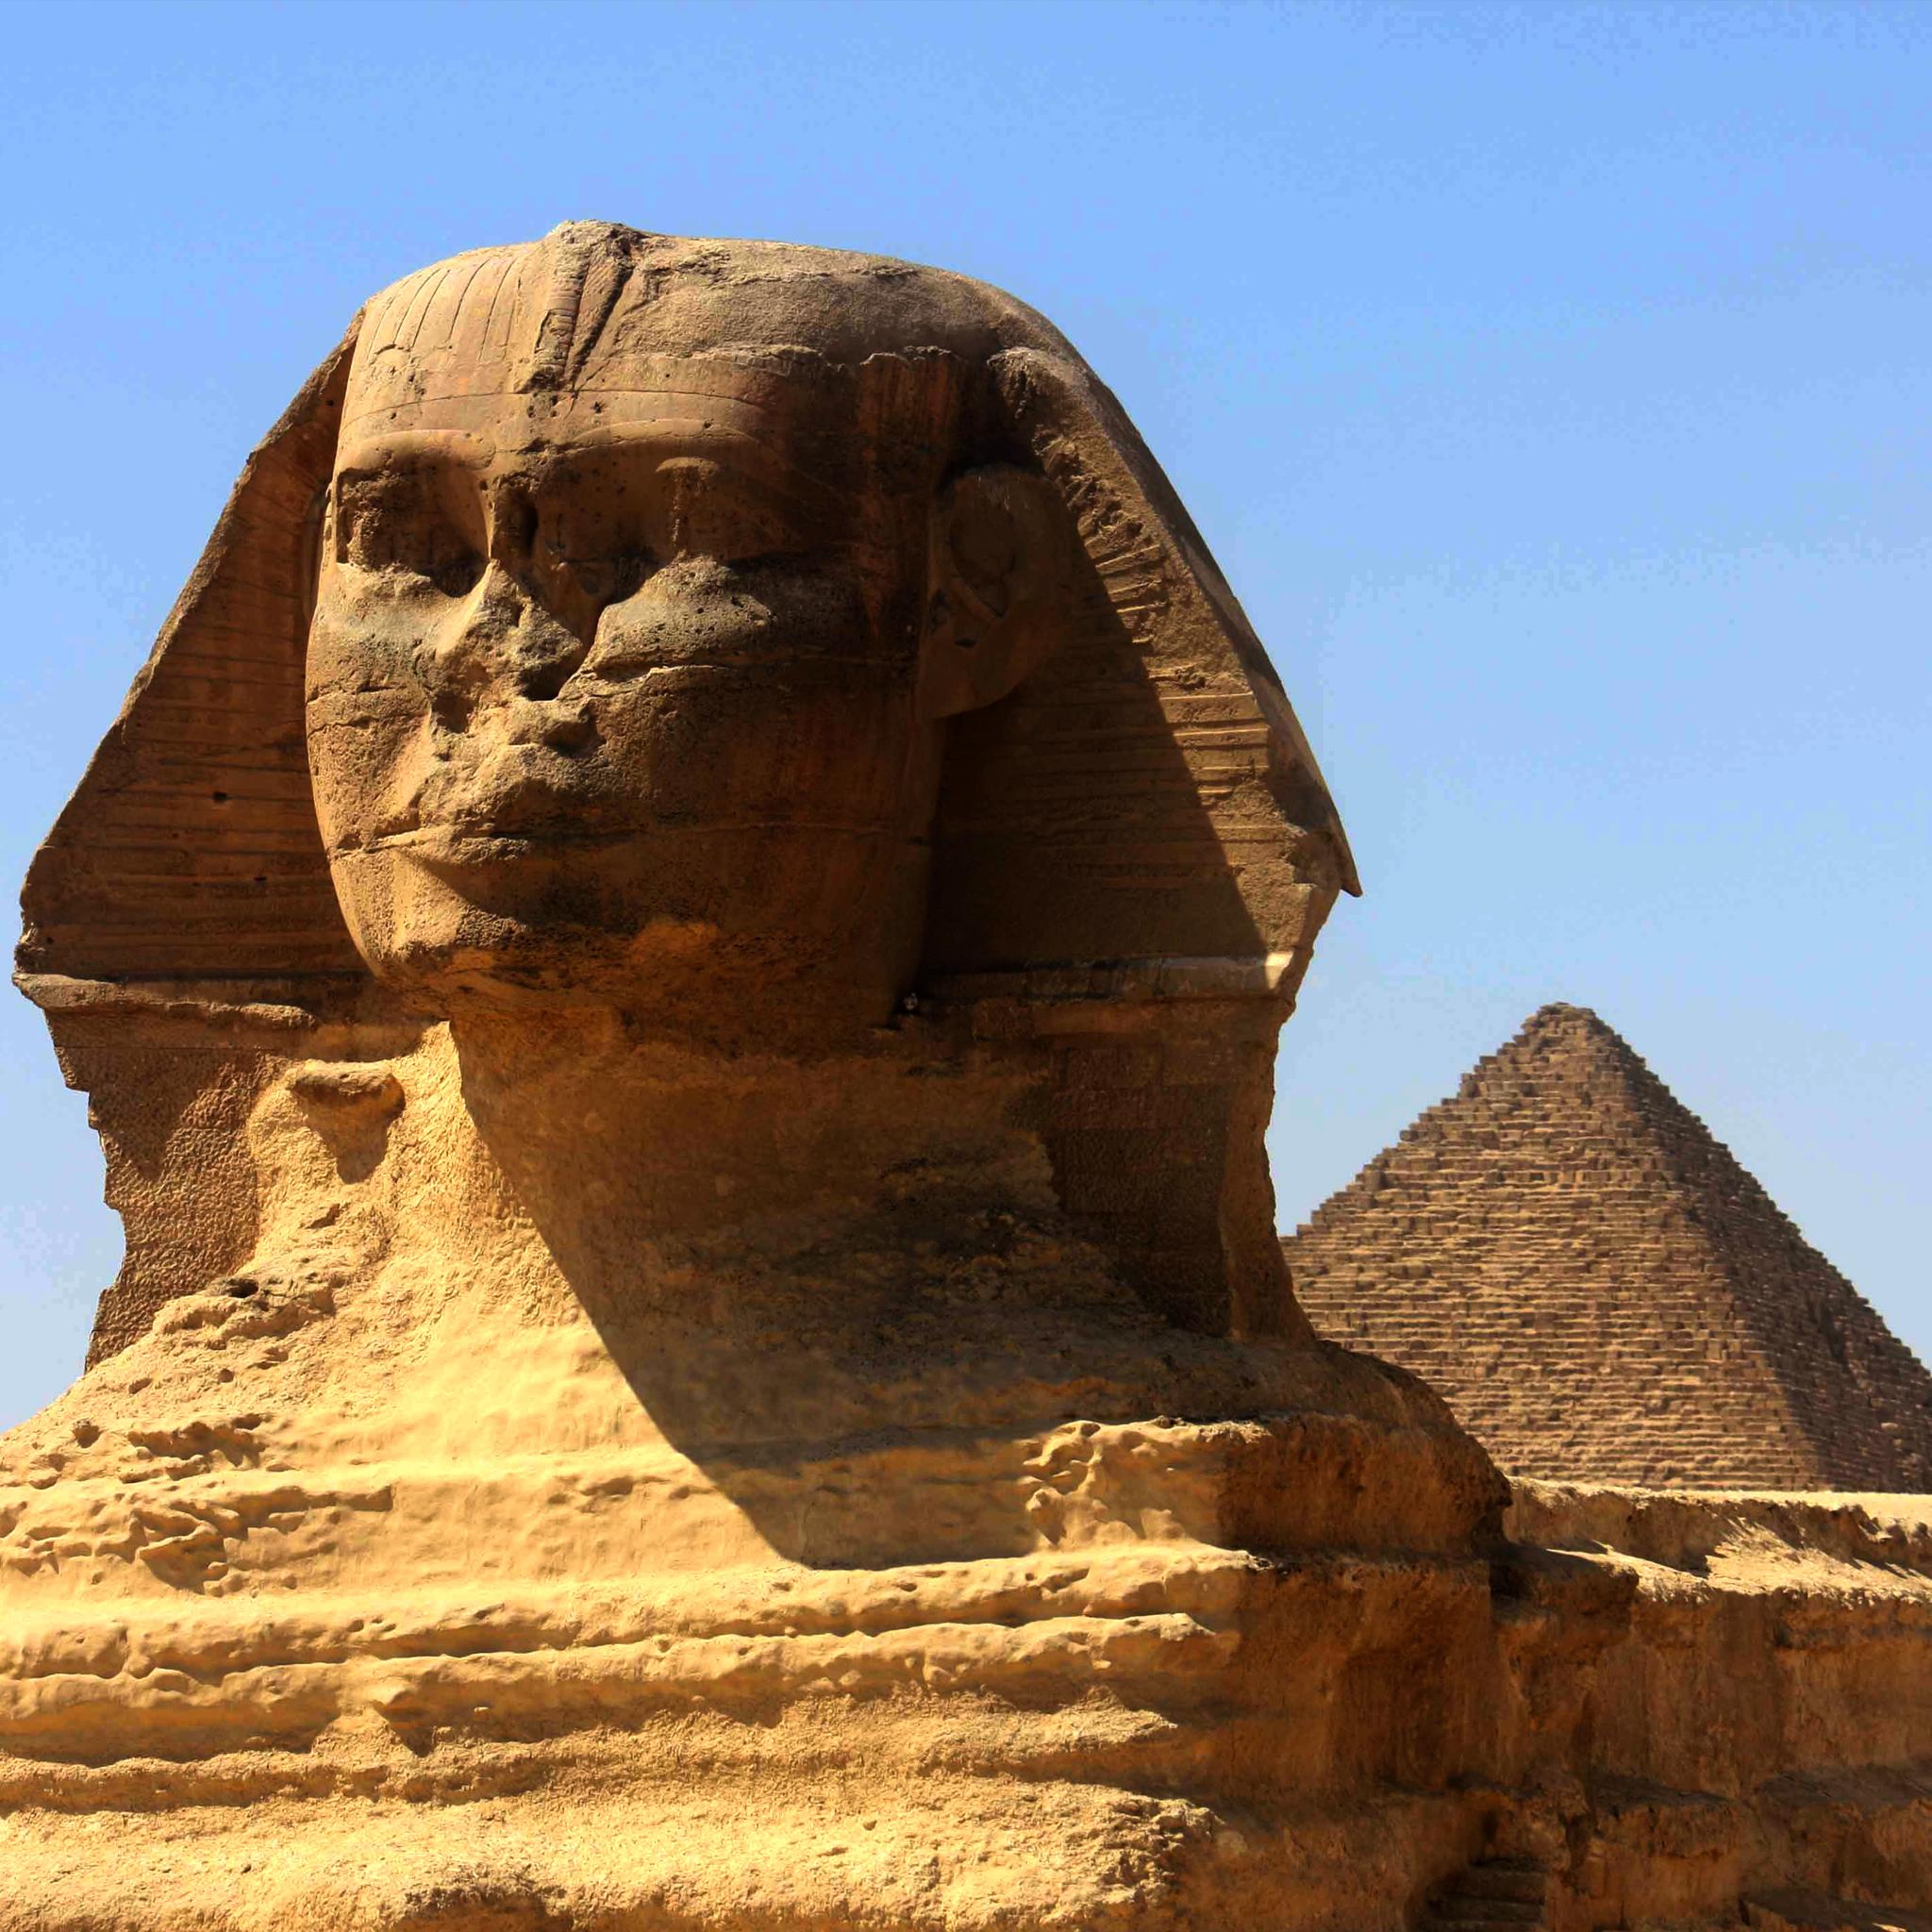 Egypt Wallpaper: Sphinx Wallpaper